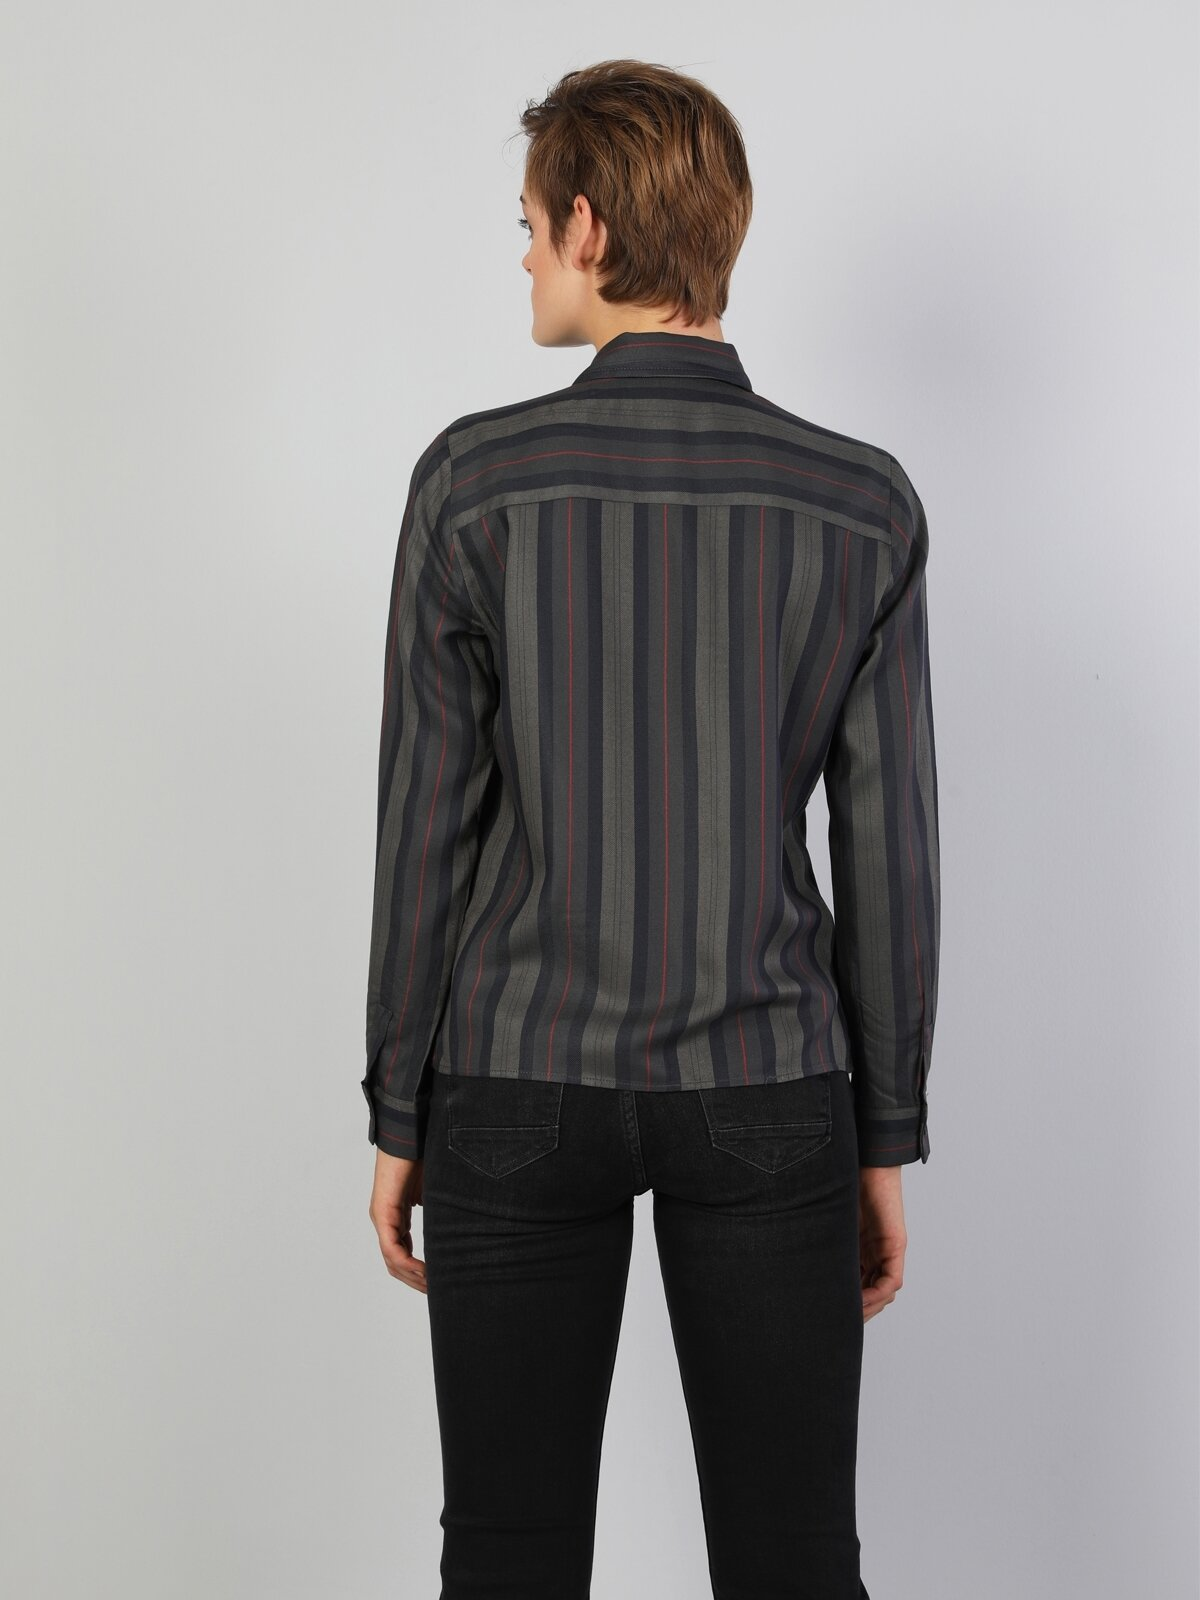 Slim Fit Shirt Neck Kadın Haki Uzun Kol Gömlek